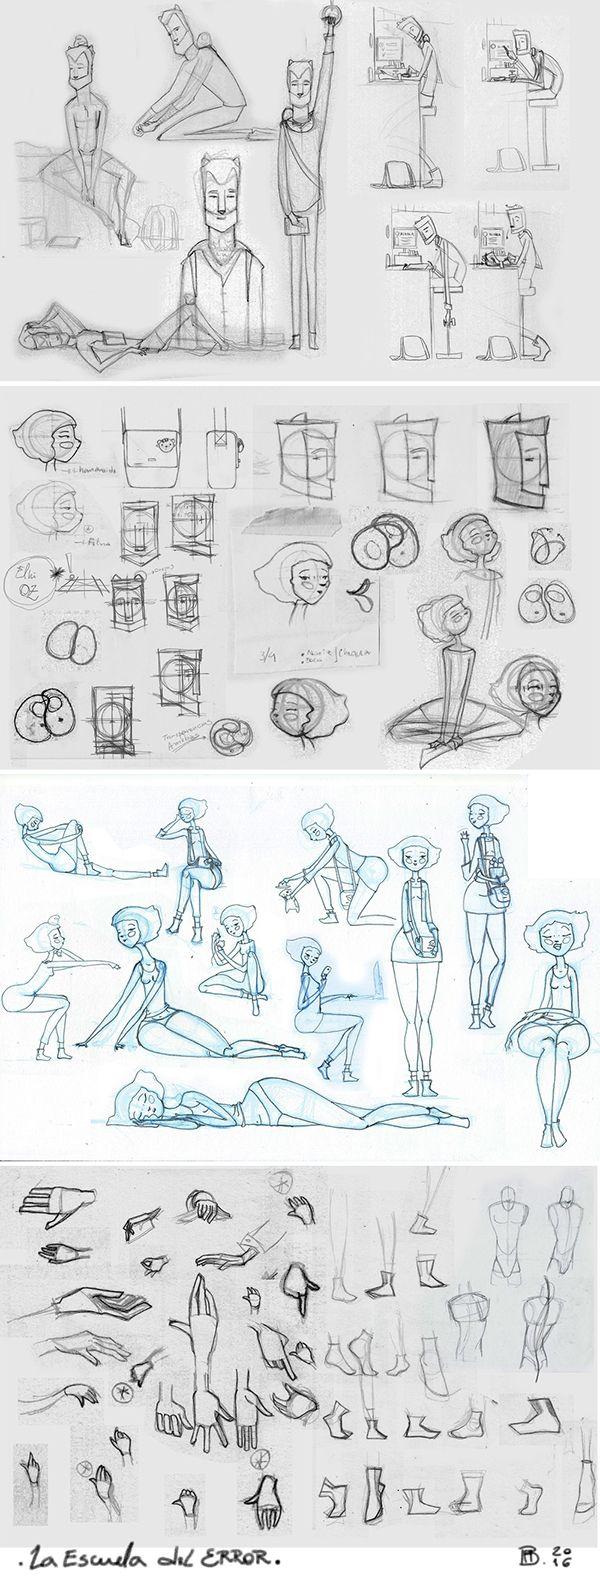 Algunos dibujos inspiracionales de la búsqueda inicial de los protagonistas. Elhi y Oz.